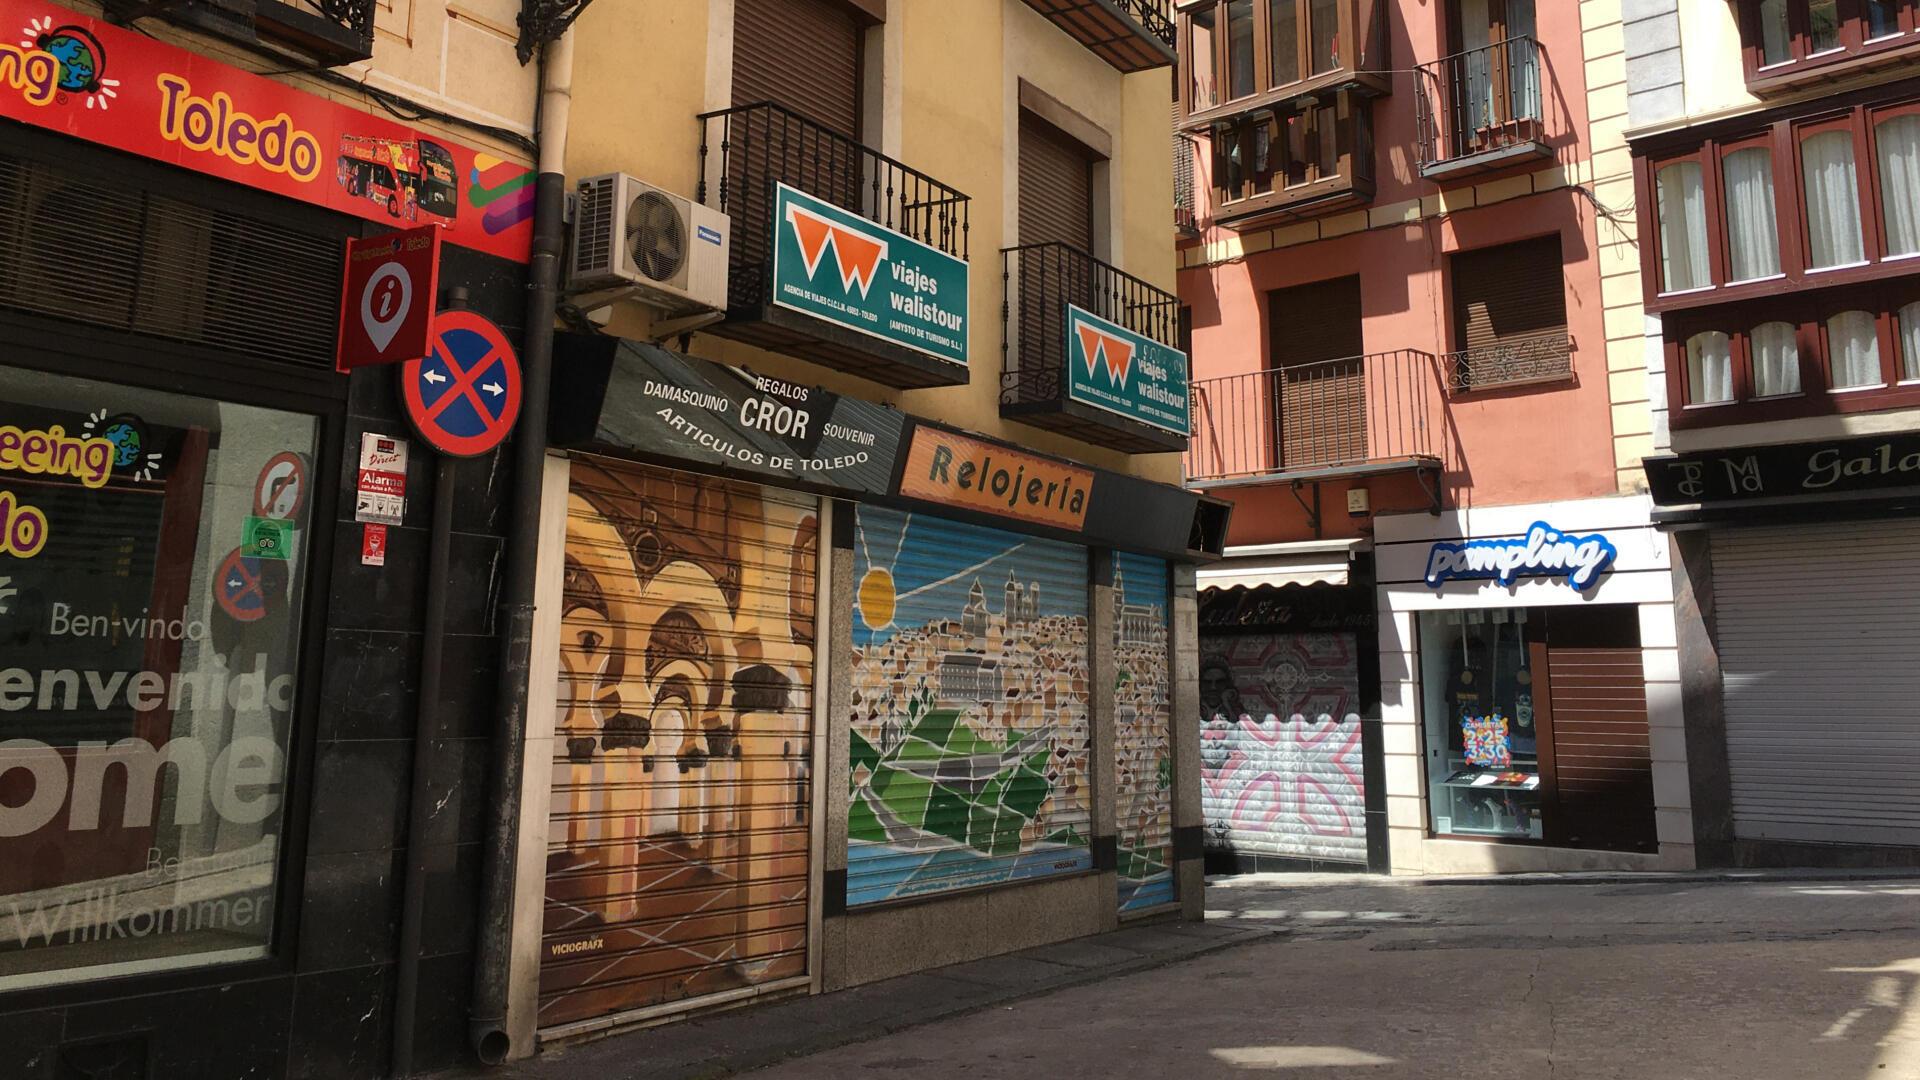 Les magasins de Tolède qui étaient fermés rouvrent progressivement depuis lundi 18 mai, mais sans touriste pour l'instant, une inquiétude pour une des villes les plus visitées d'Espagne.